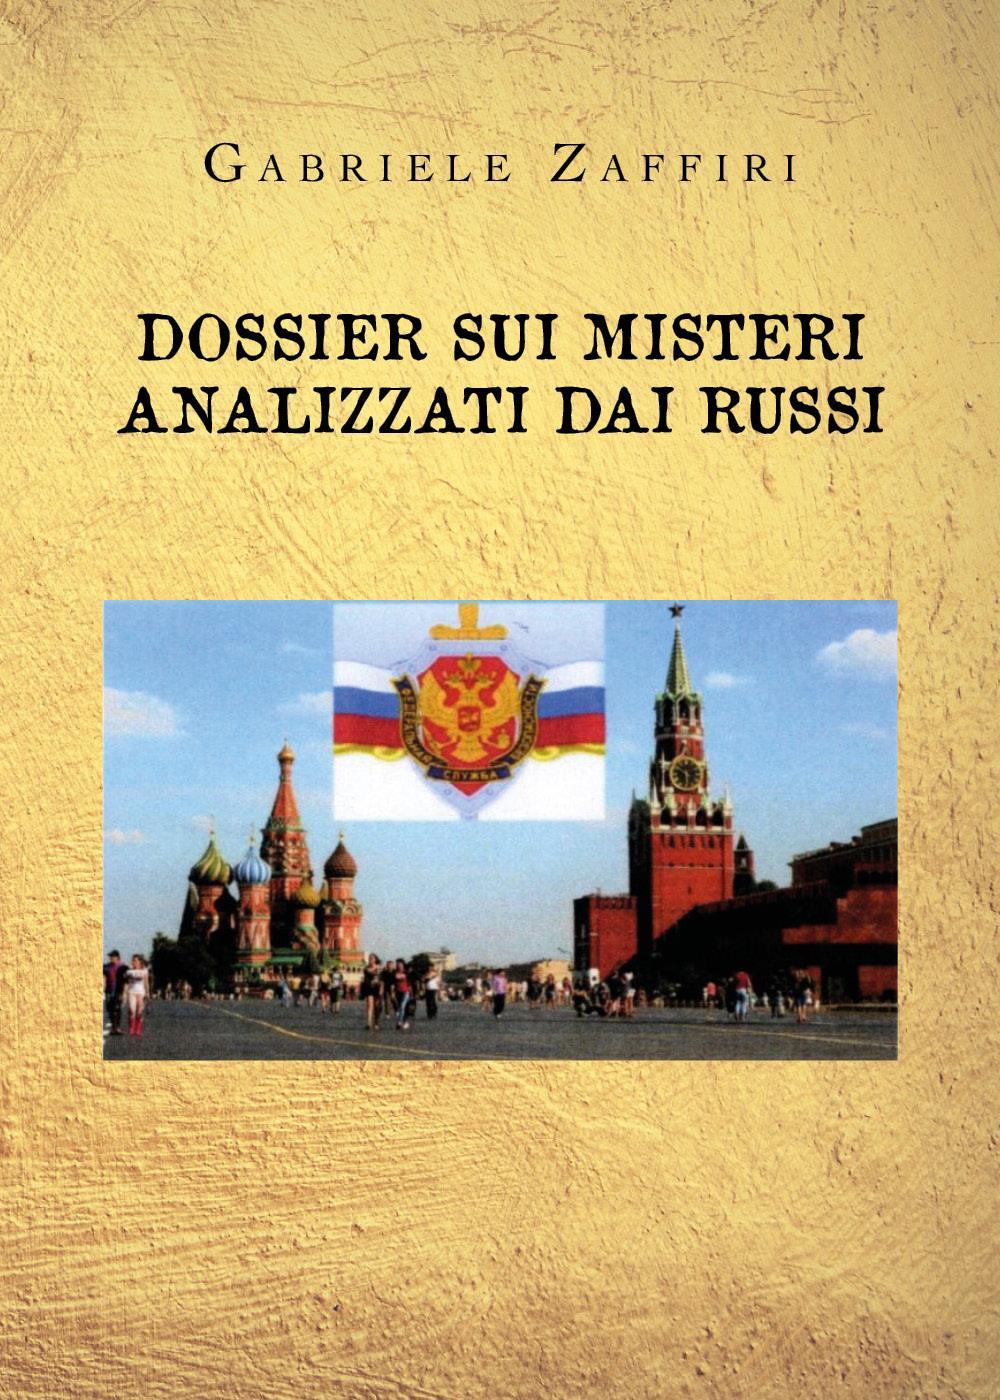 Dossier sui misteri analizzati dai russi